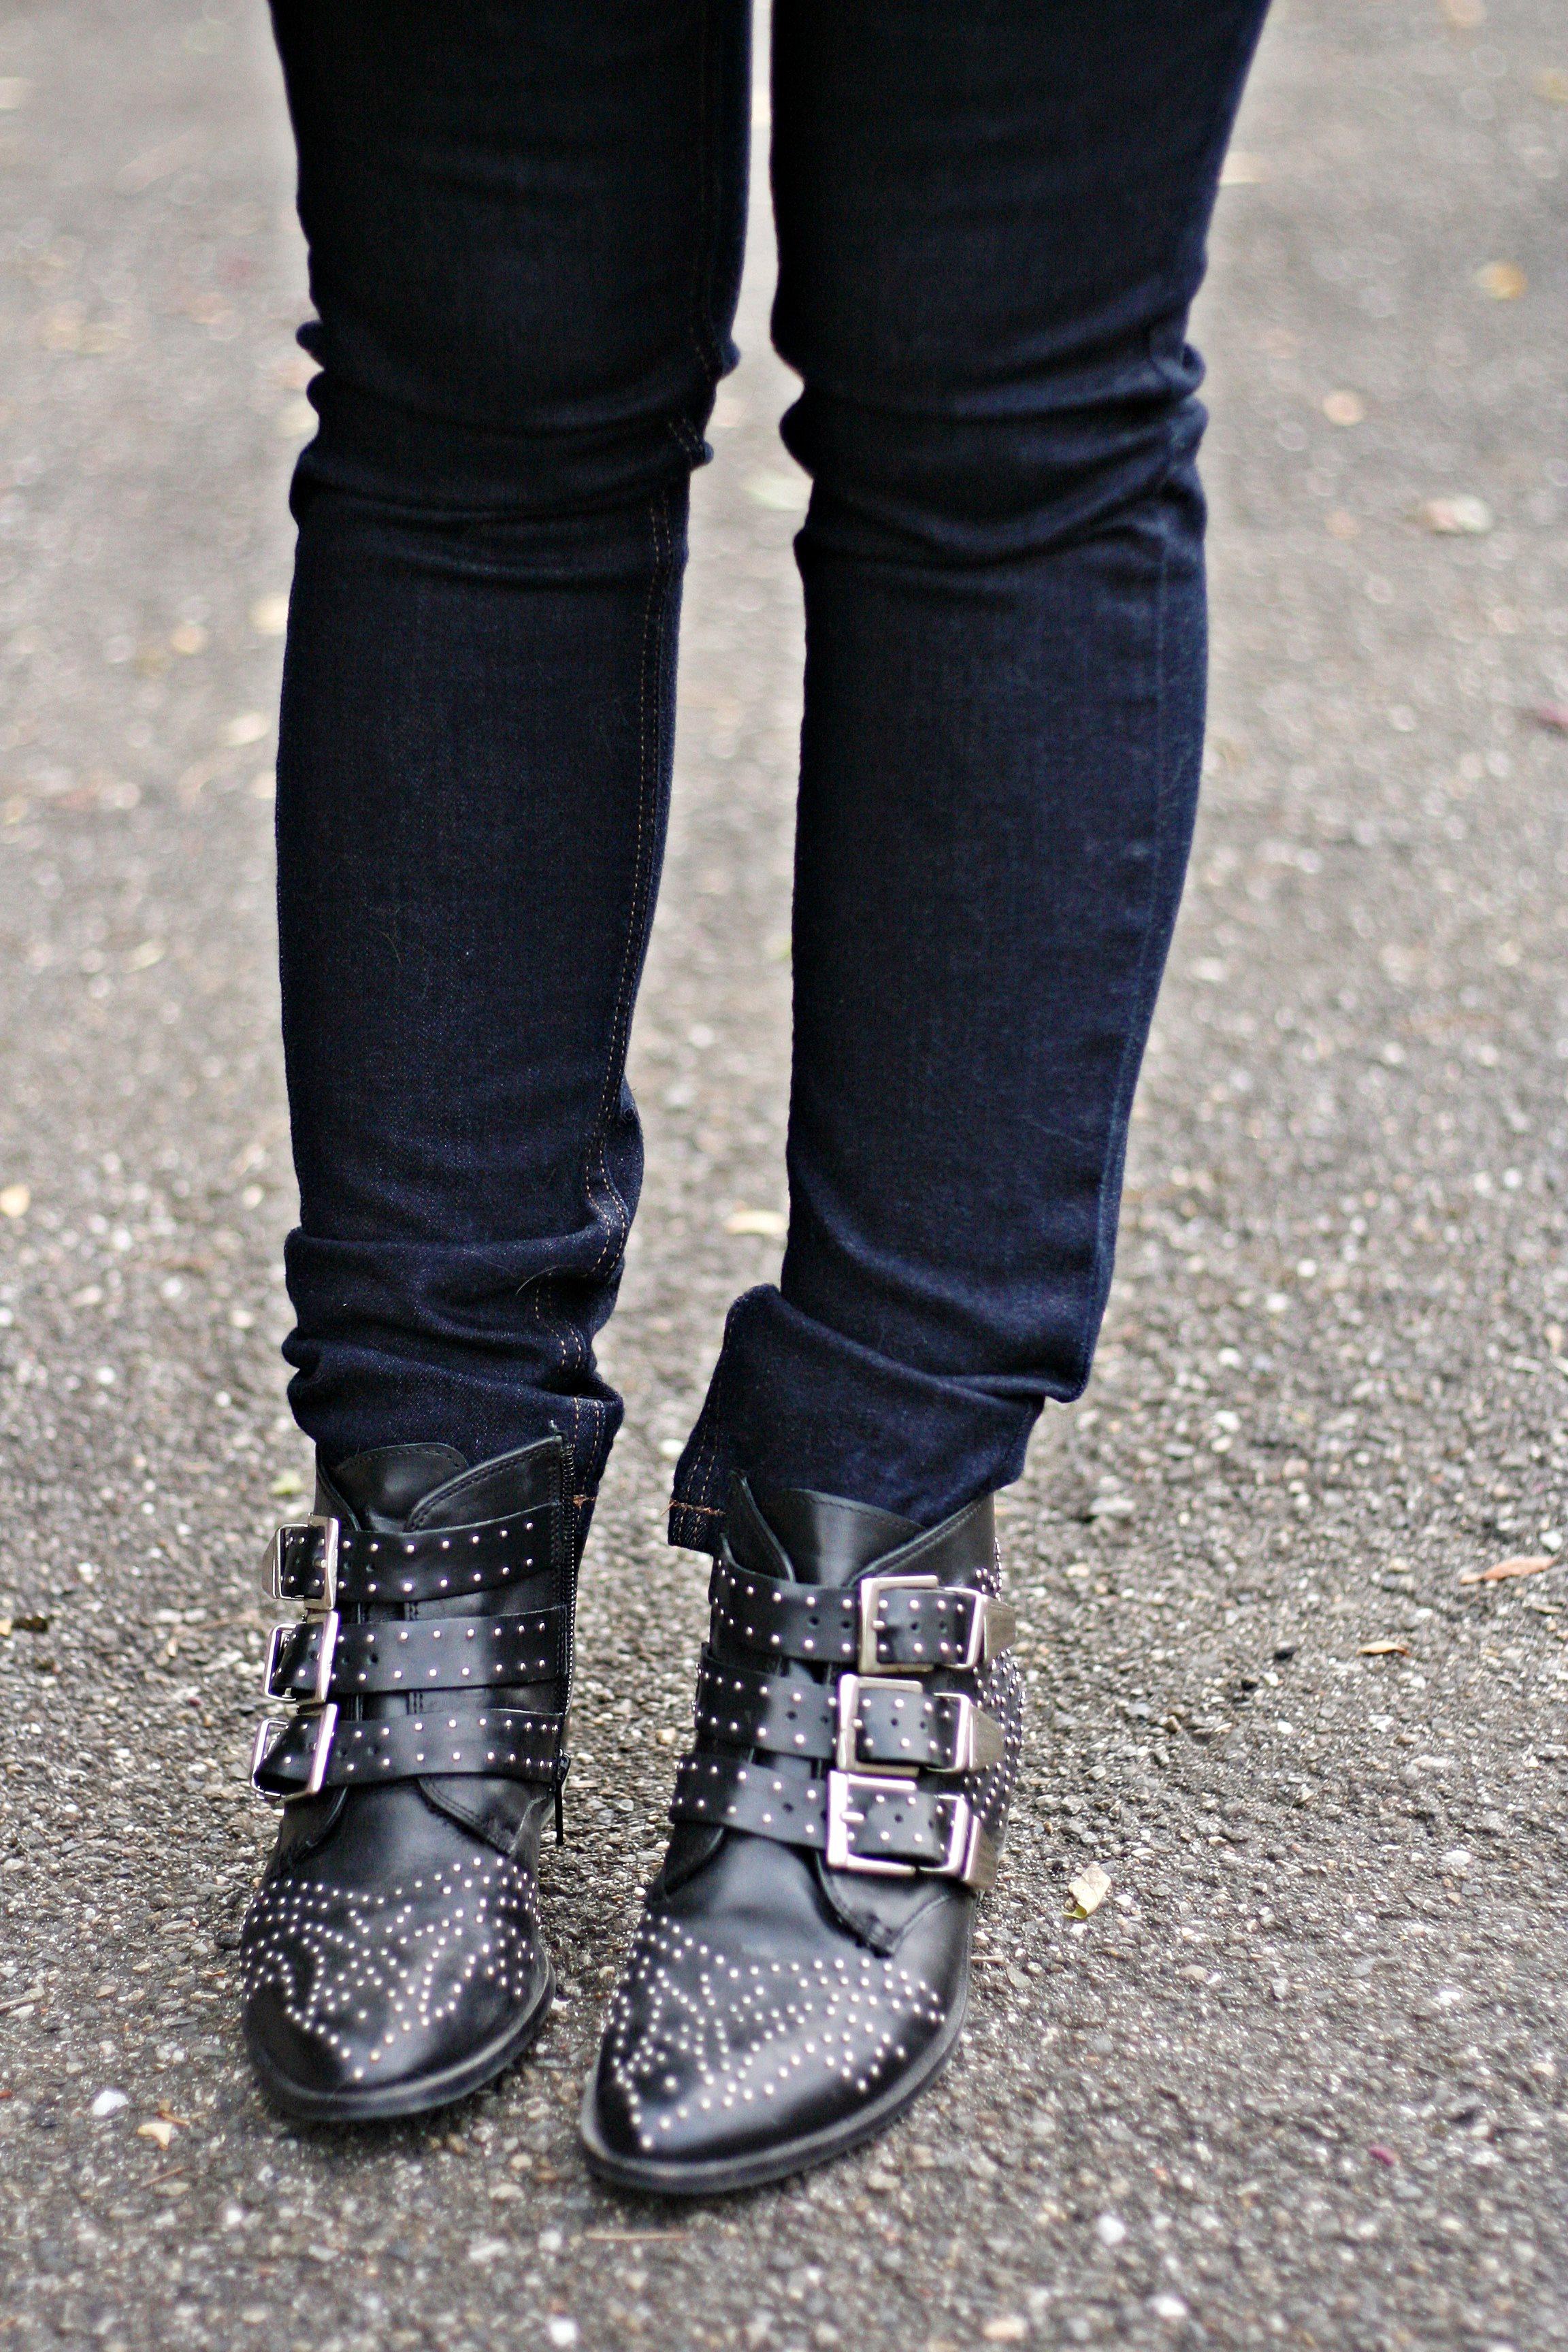 ersatz-boots-susanna-chloe-blog-mode